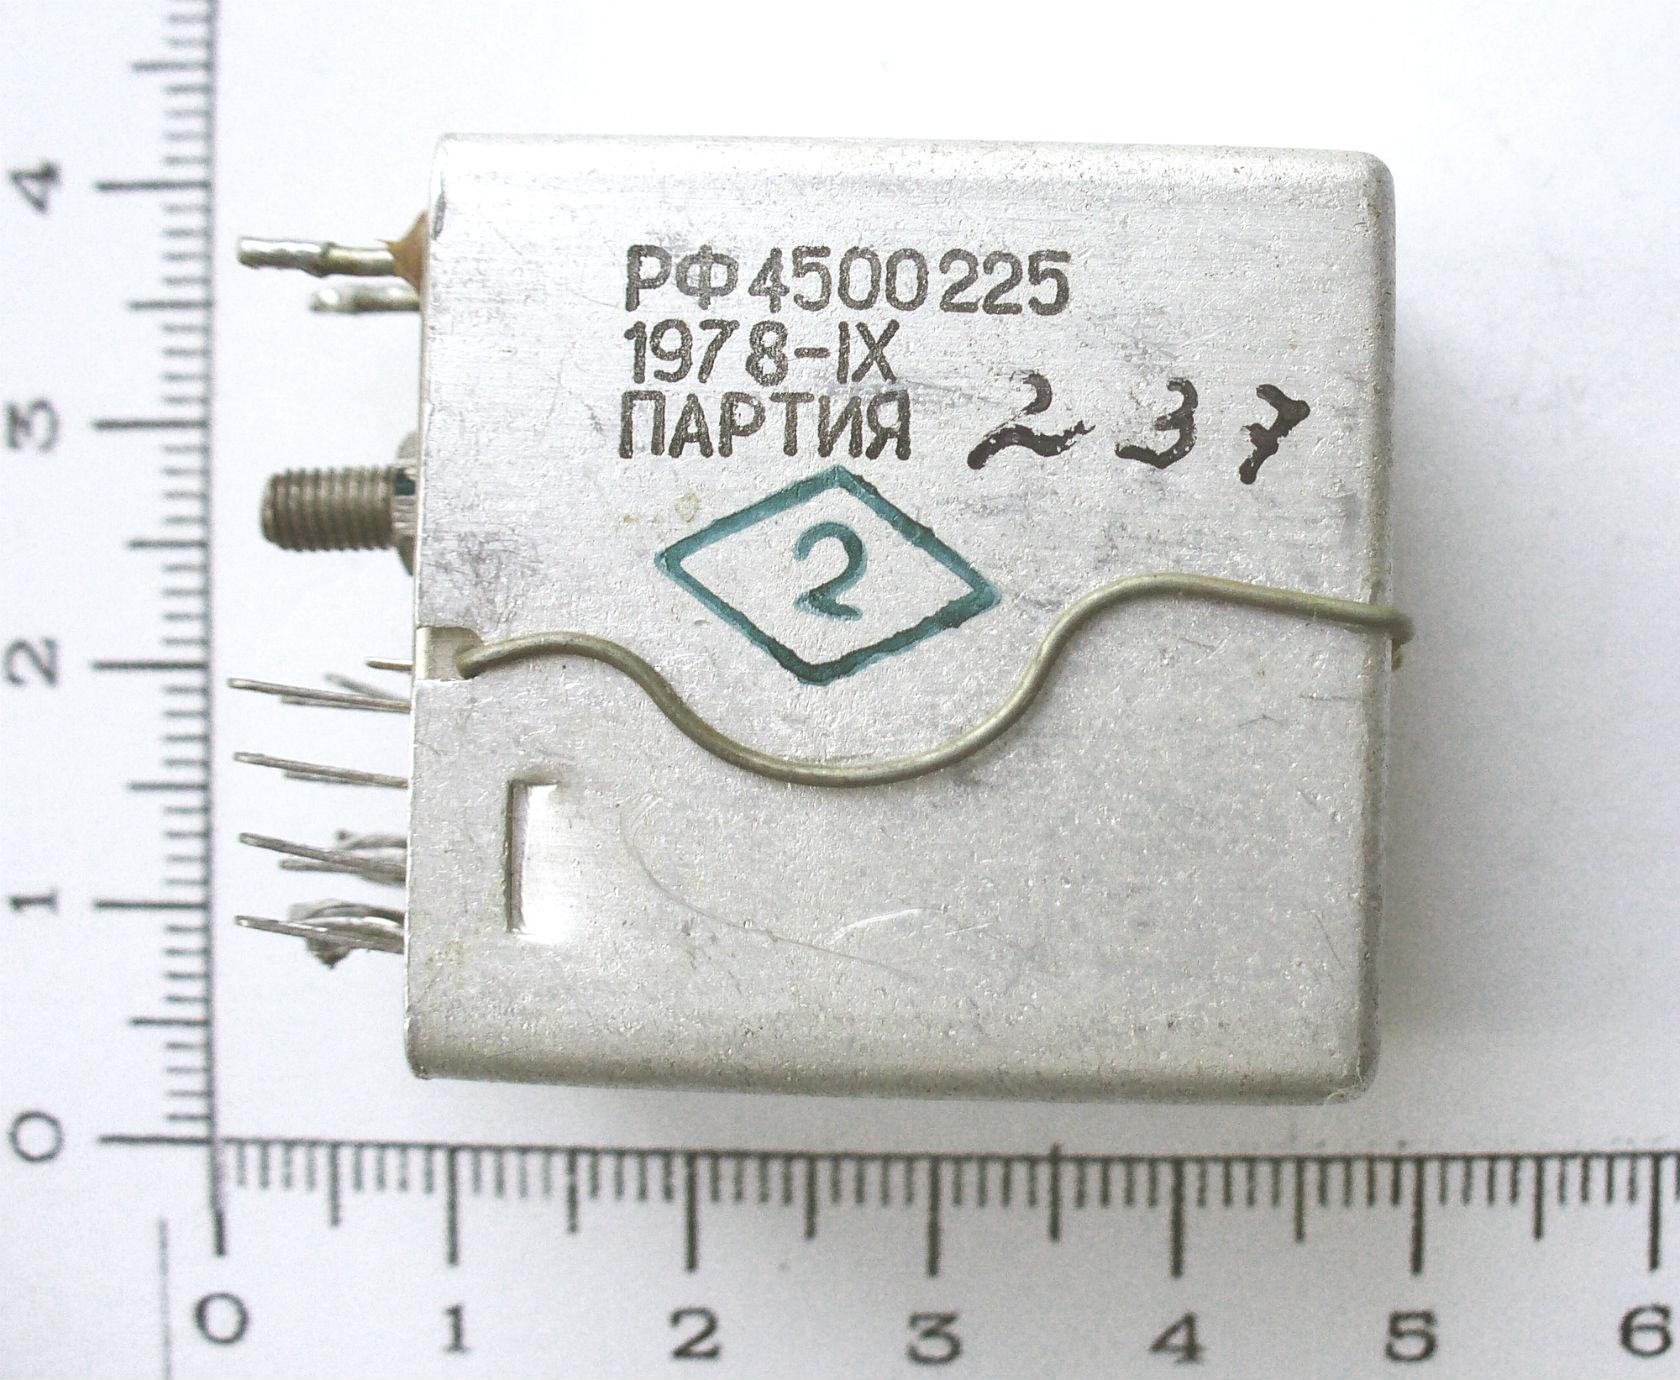 Скупка радиодеталей в киеве фото прайс